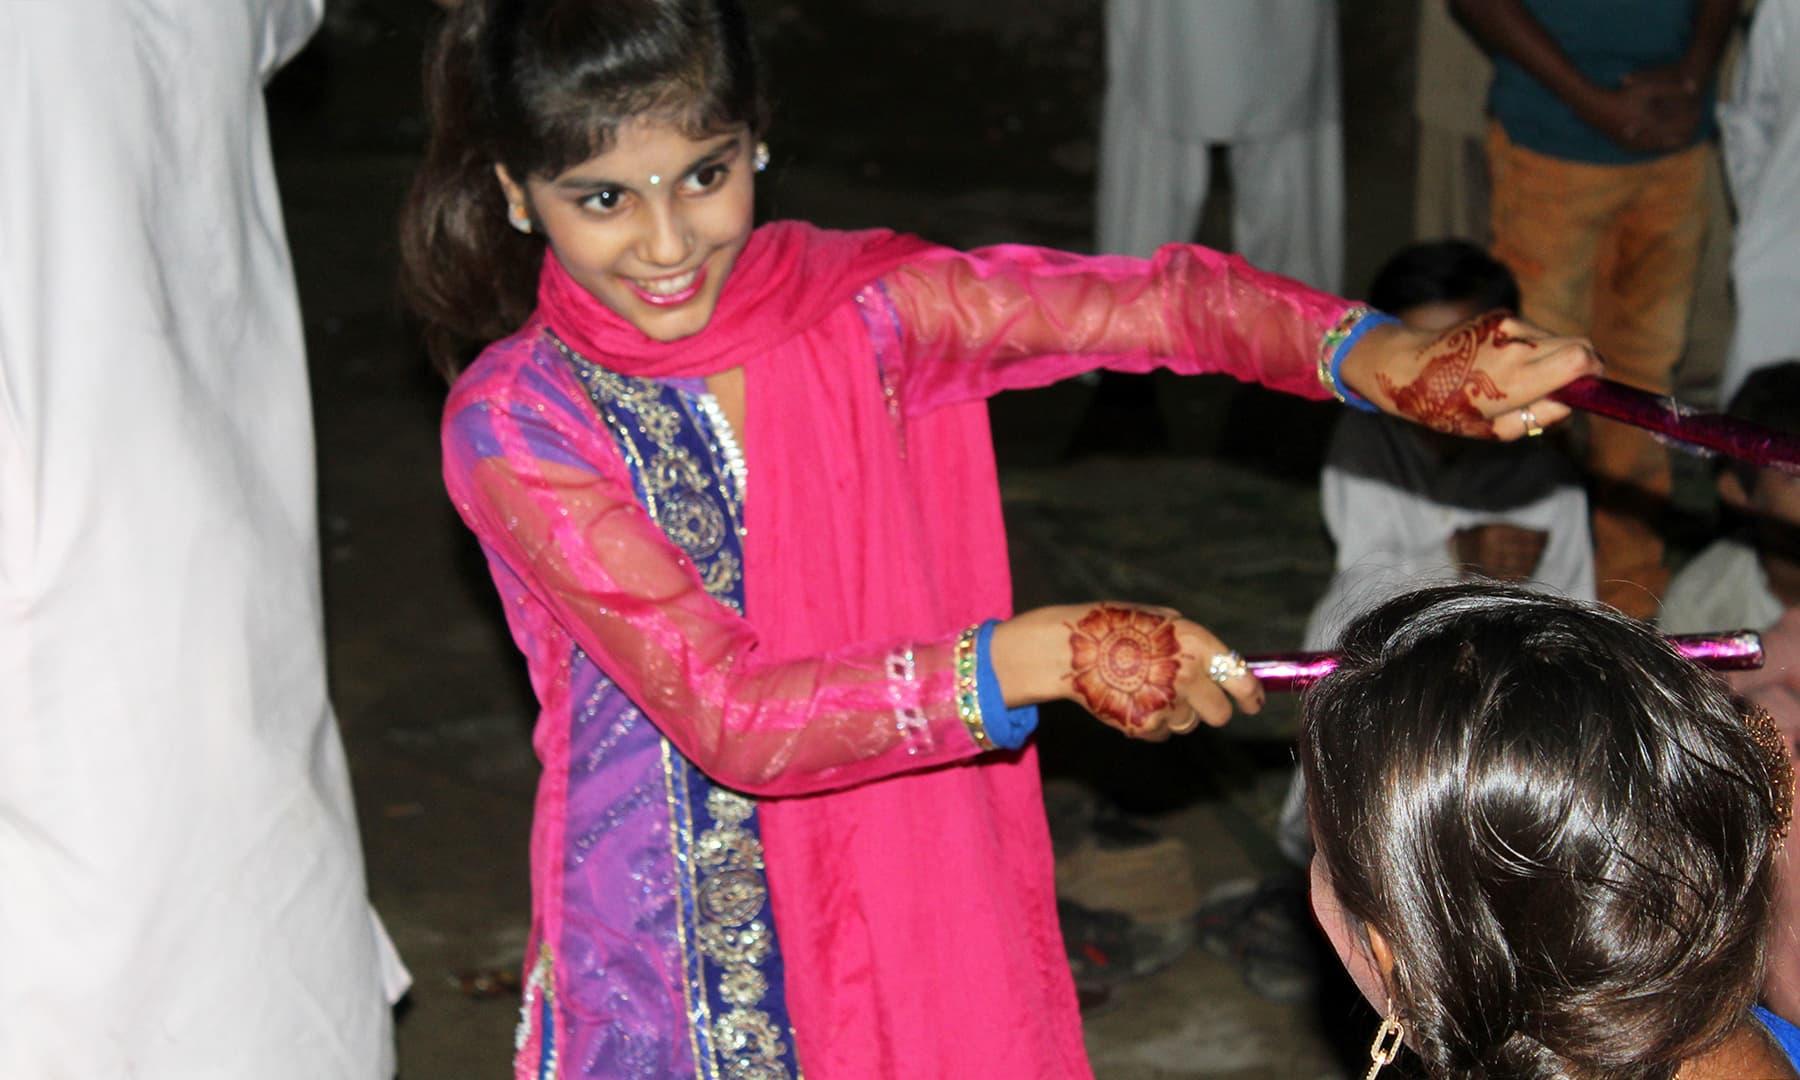 ڈانڈیا رقص اس تقریب کا لازمی جزو ہے۔— اختر حفیظ